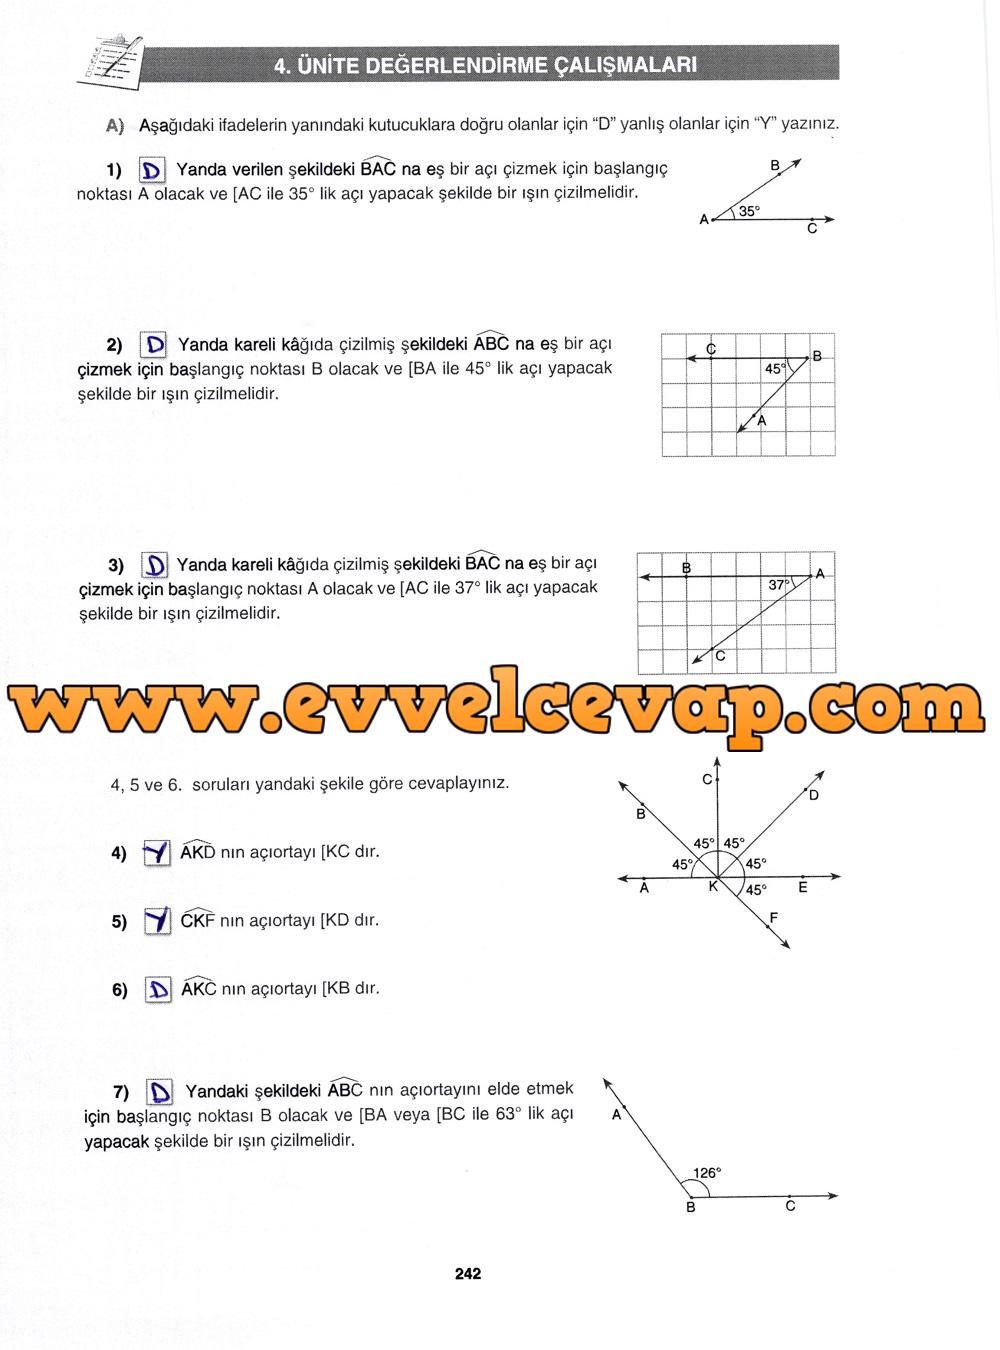 7. Sınıf Gizem Yayınları Matematik Ders Kitabı 242. Sayfa Cevapları 4.Ünite Değerlendirme Çalışmaları